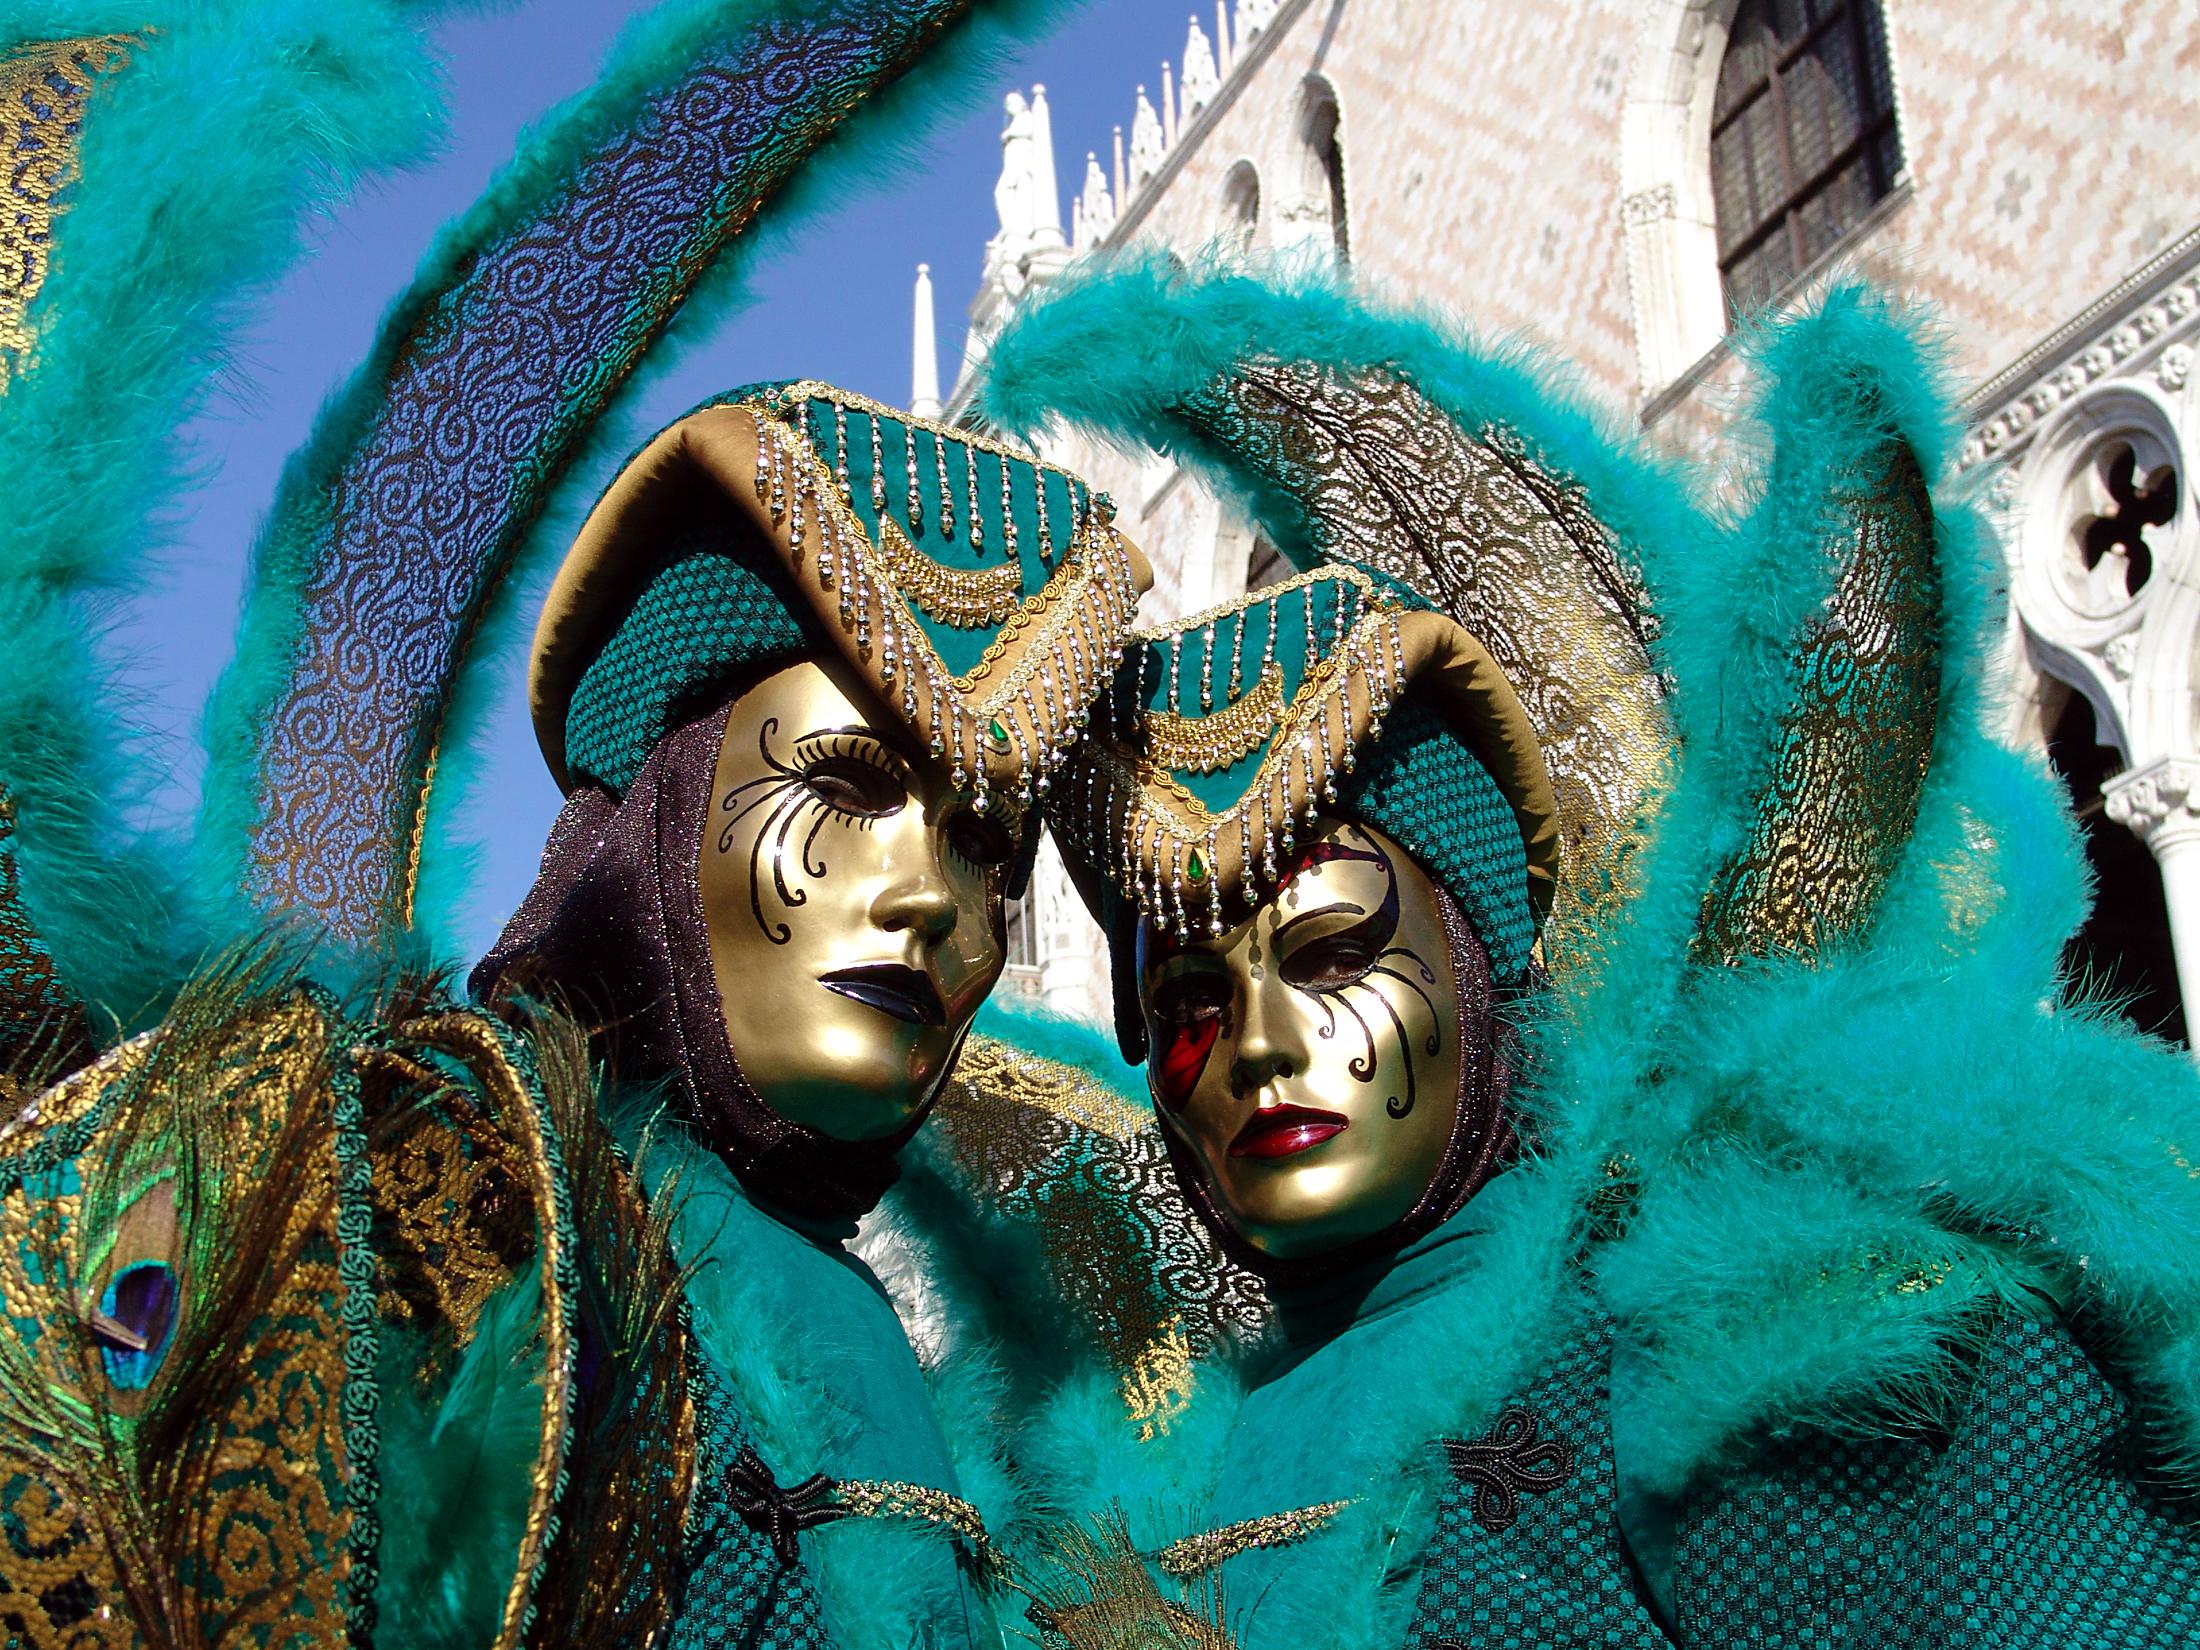 Секс в венеции 16 фотография